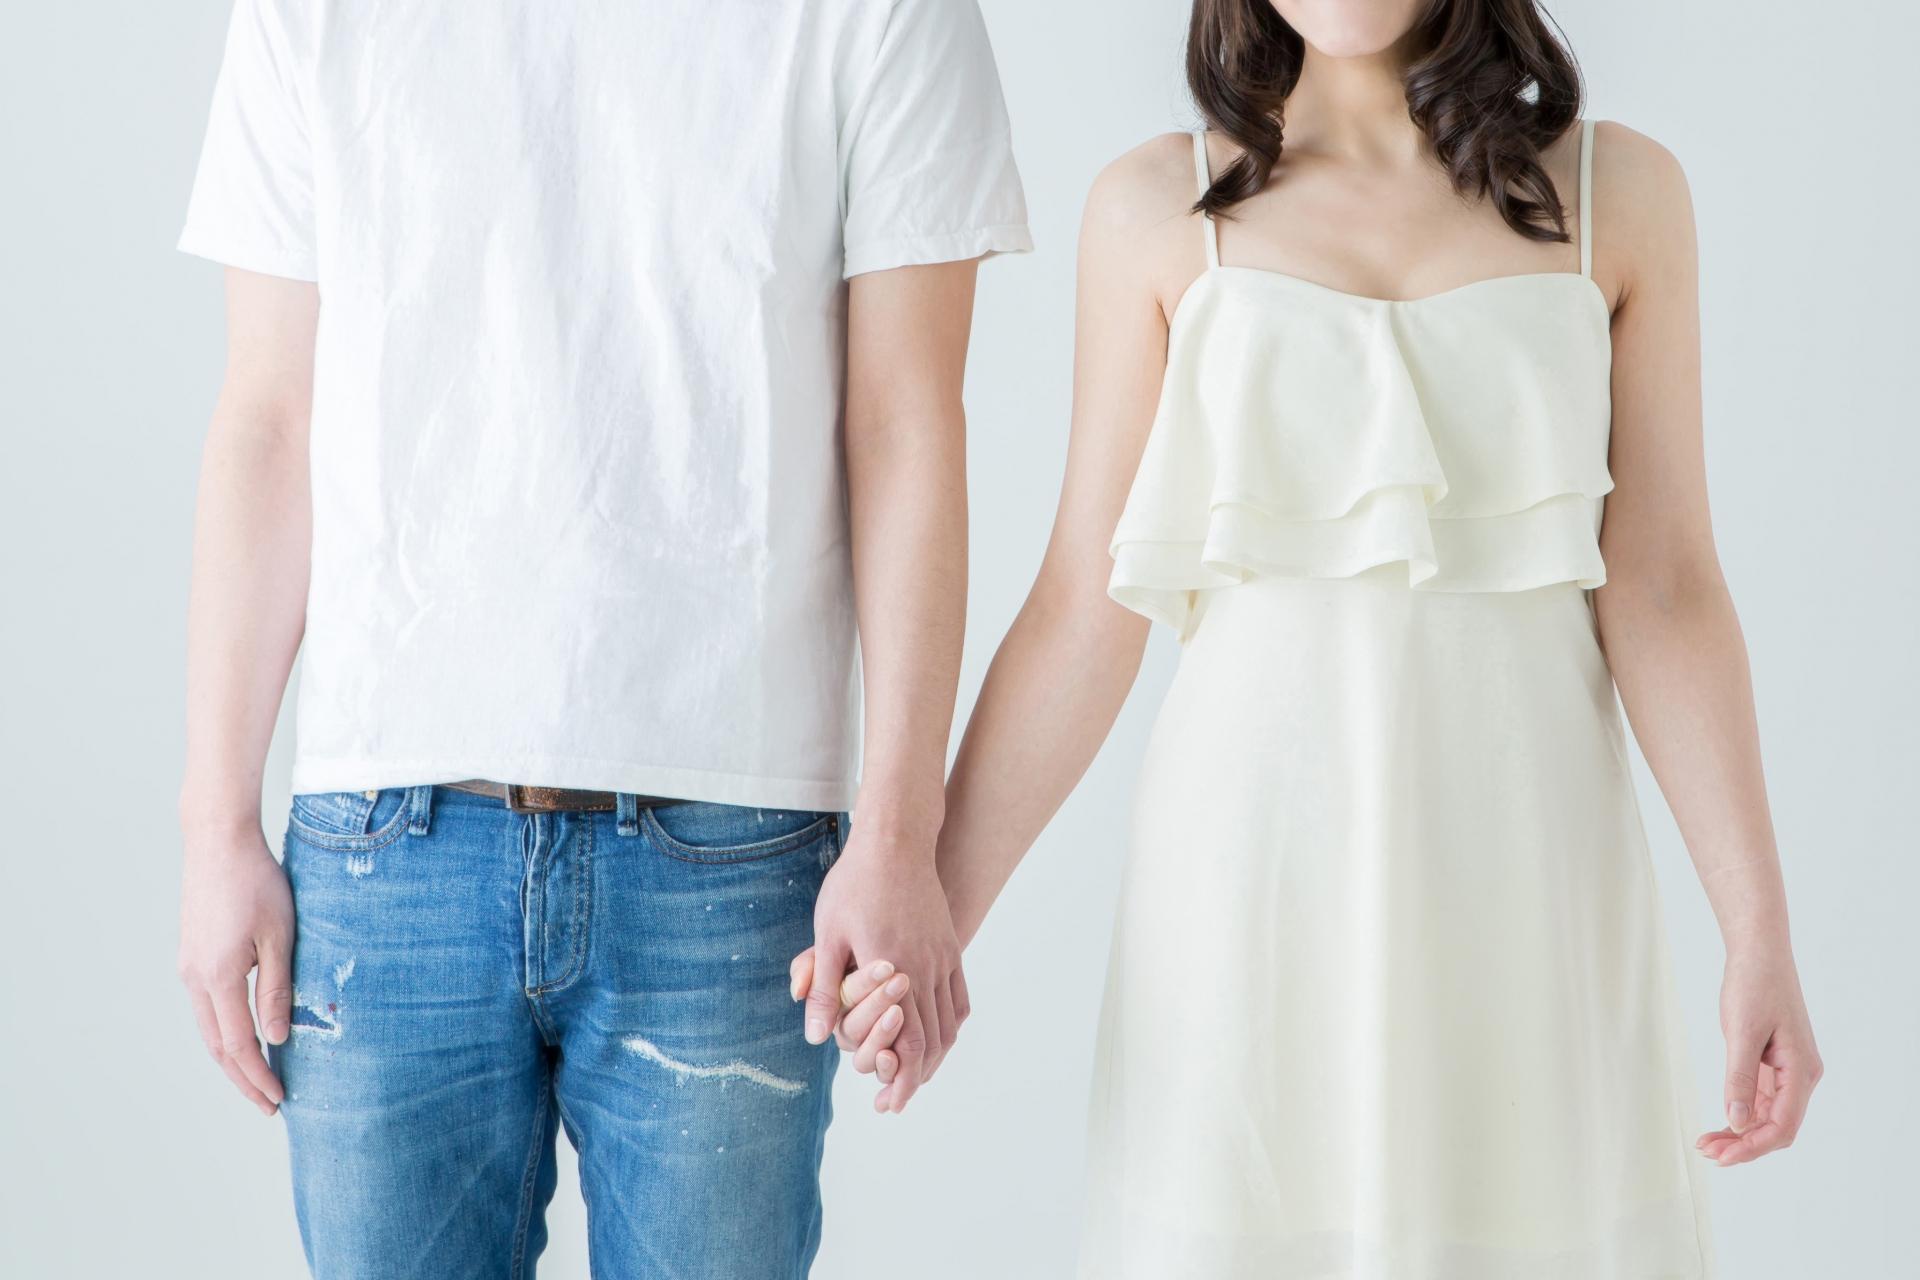 横浜の女性から成婚者の声(アンケート)いただきました!